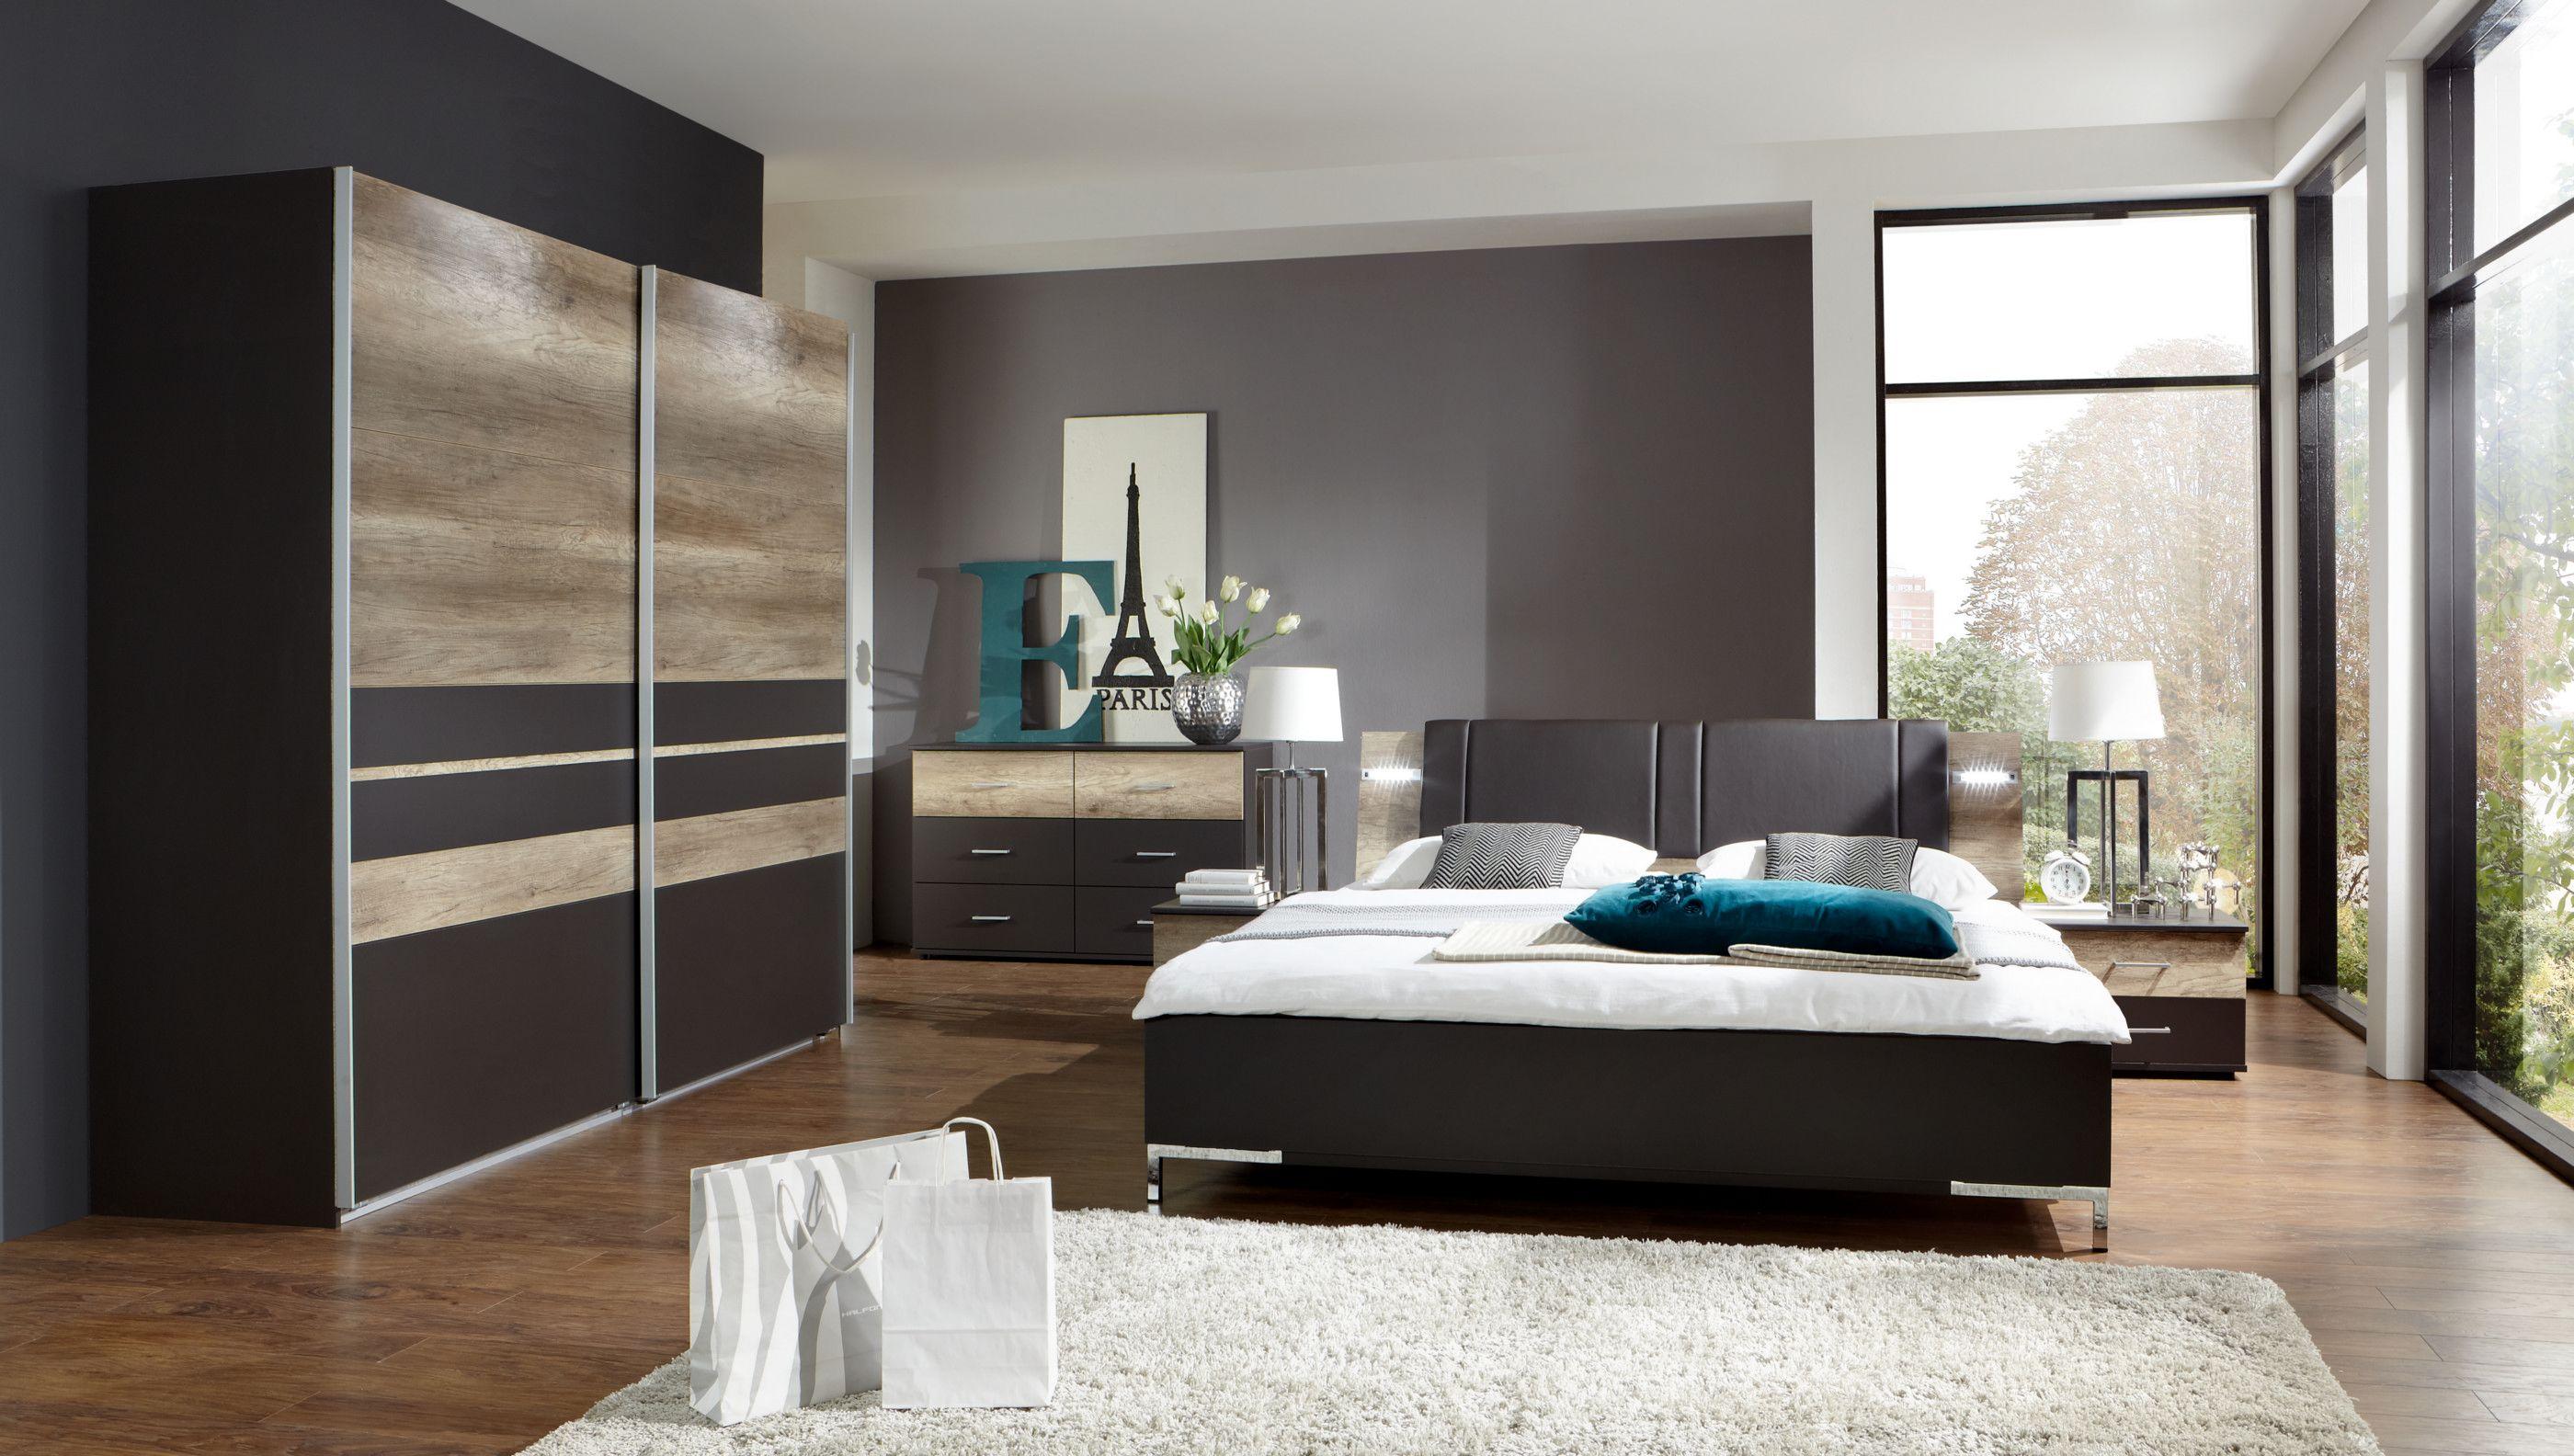 Schlafzimmer Mit Bett 180 X 200 Cm Lavafarbig/ Wildeiche Woody 132 01367 Braun  Modern